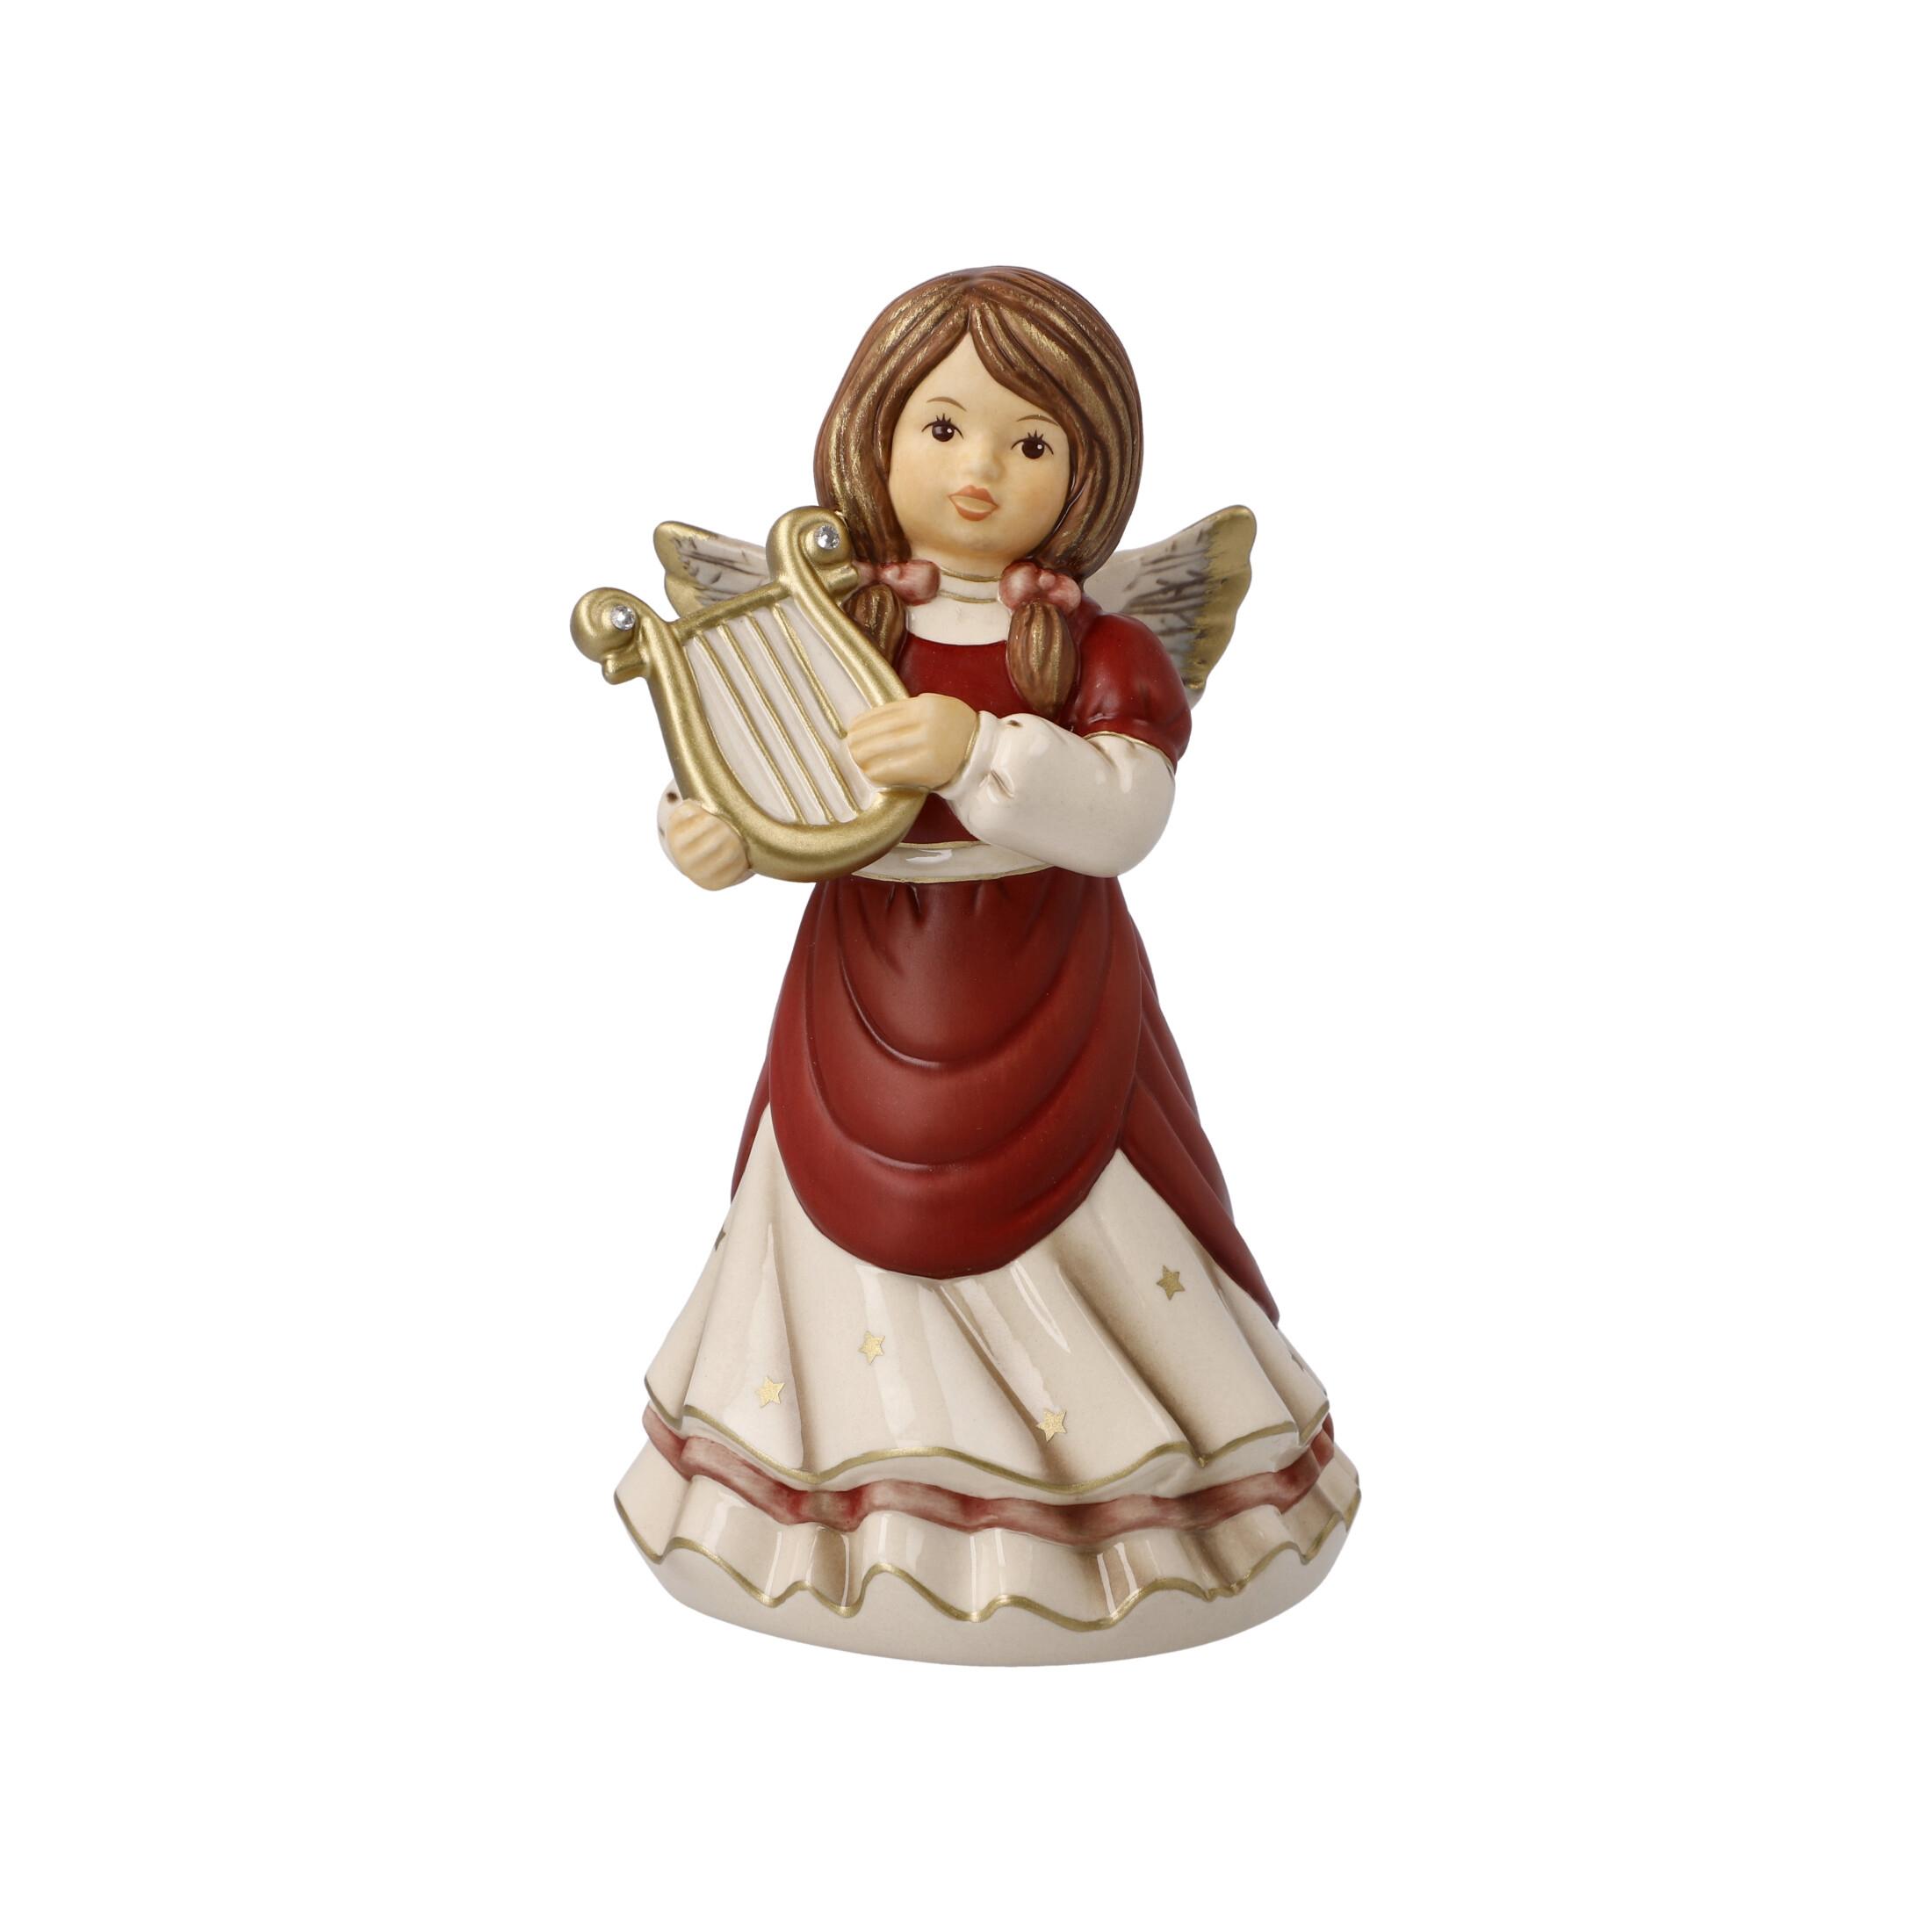 Goebel Weihnachten Himmelsboten 'XM Himmlisches Harfenspiel bord 15' 2021 !